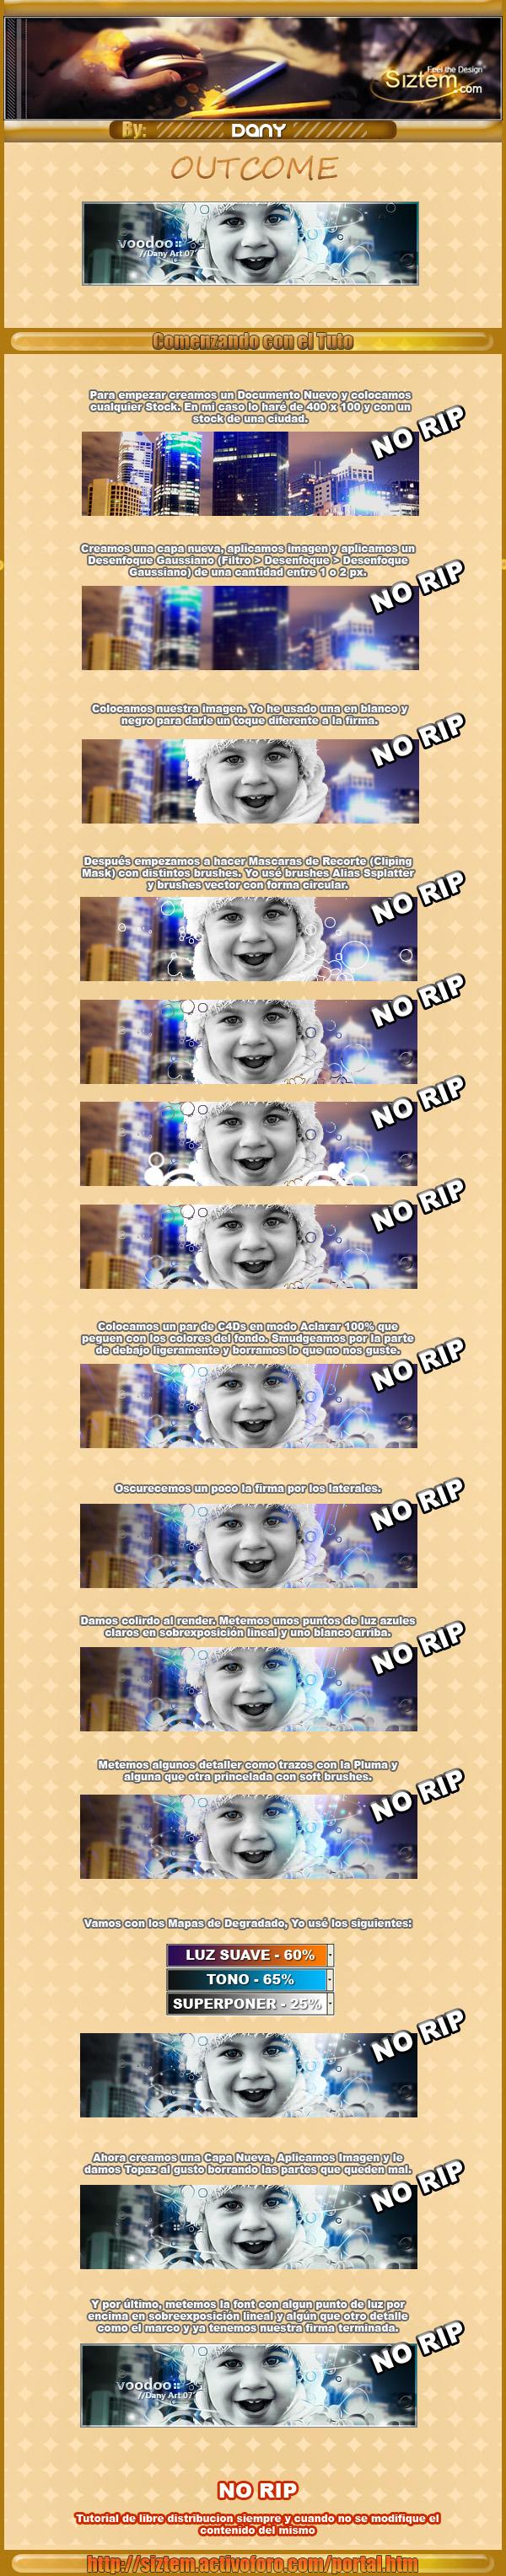 Tuto Happy Baby Sig [DanY TuTo] TUTO___Happy_Baby_Sig_by_DanY_STM